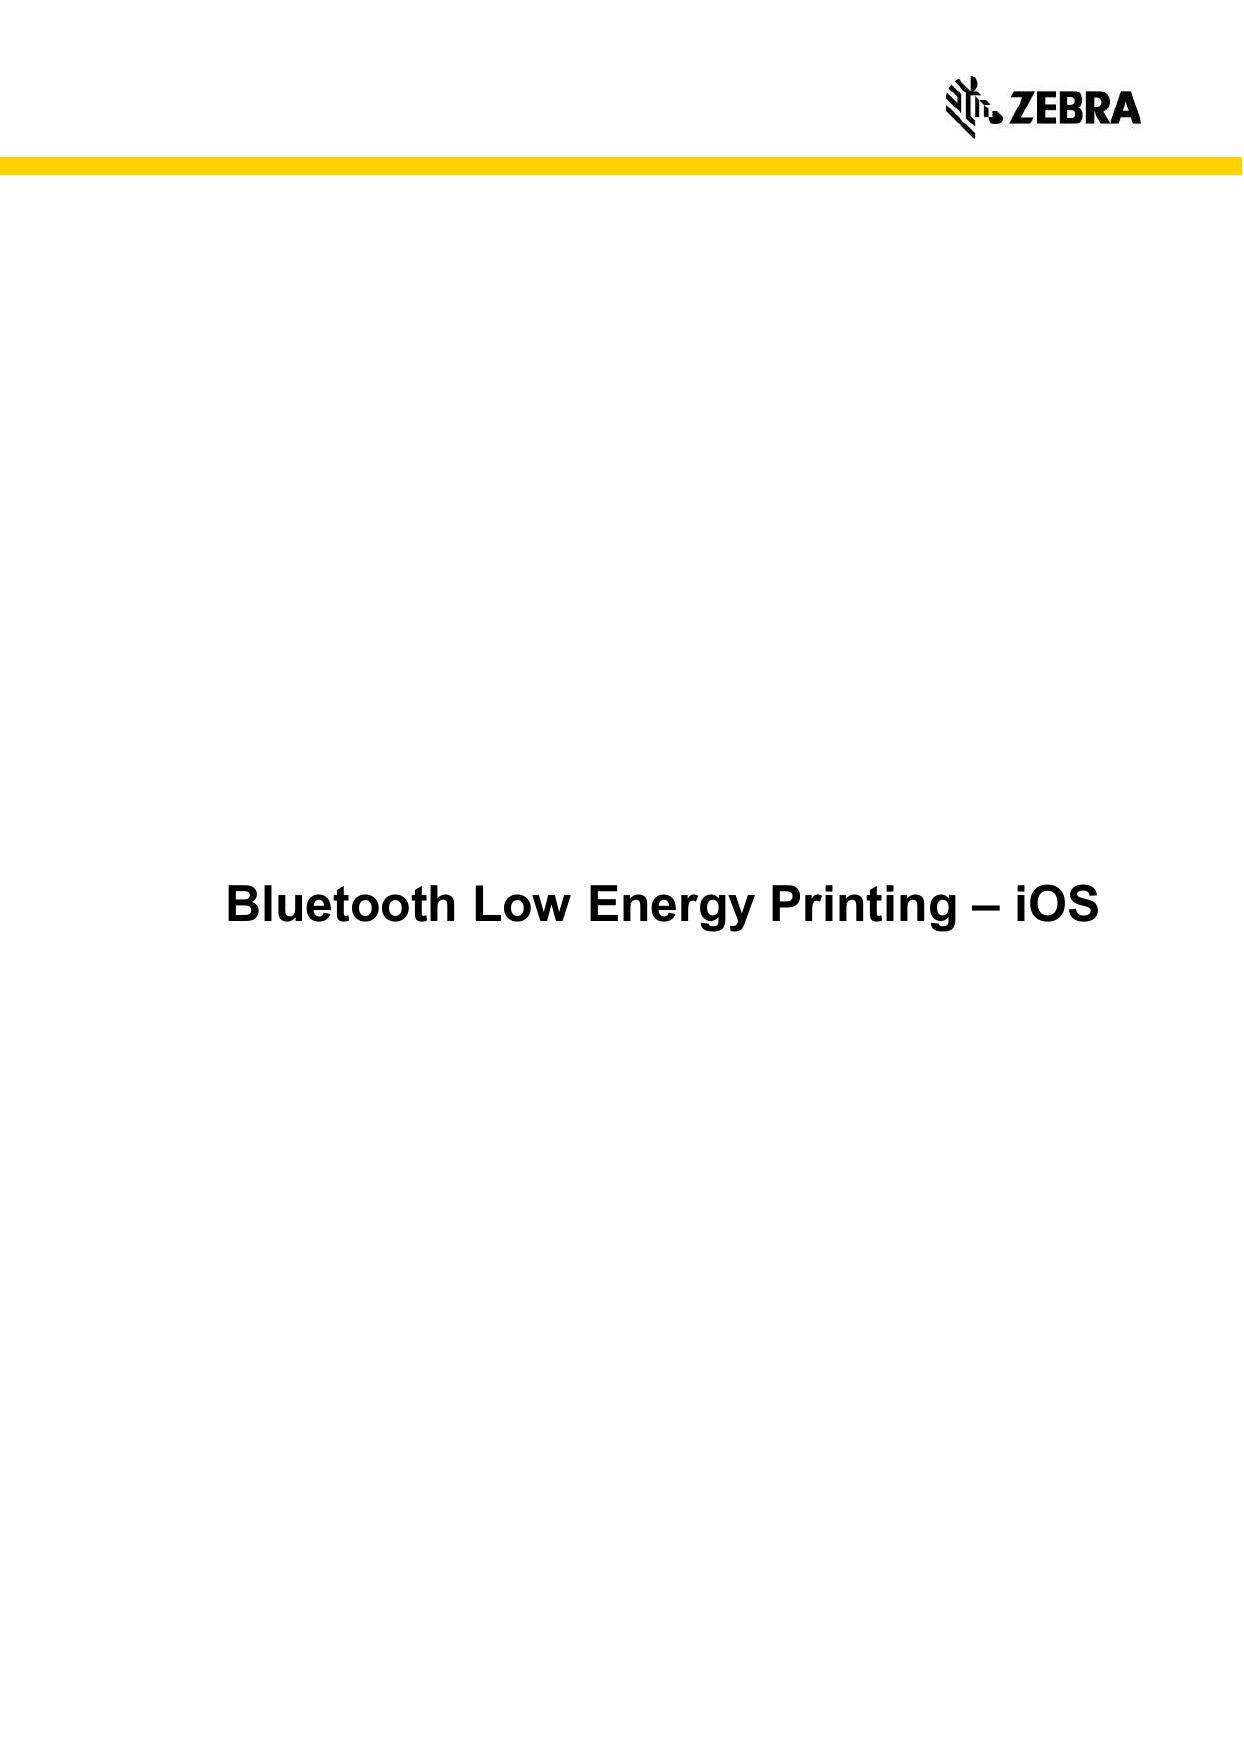 Bluetooth Low Energy Printing – iOS | manualzz com